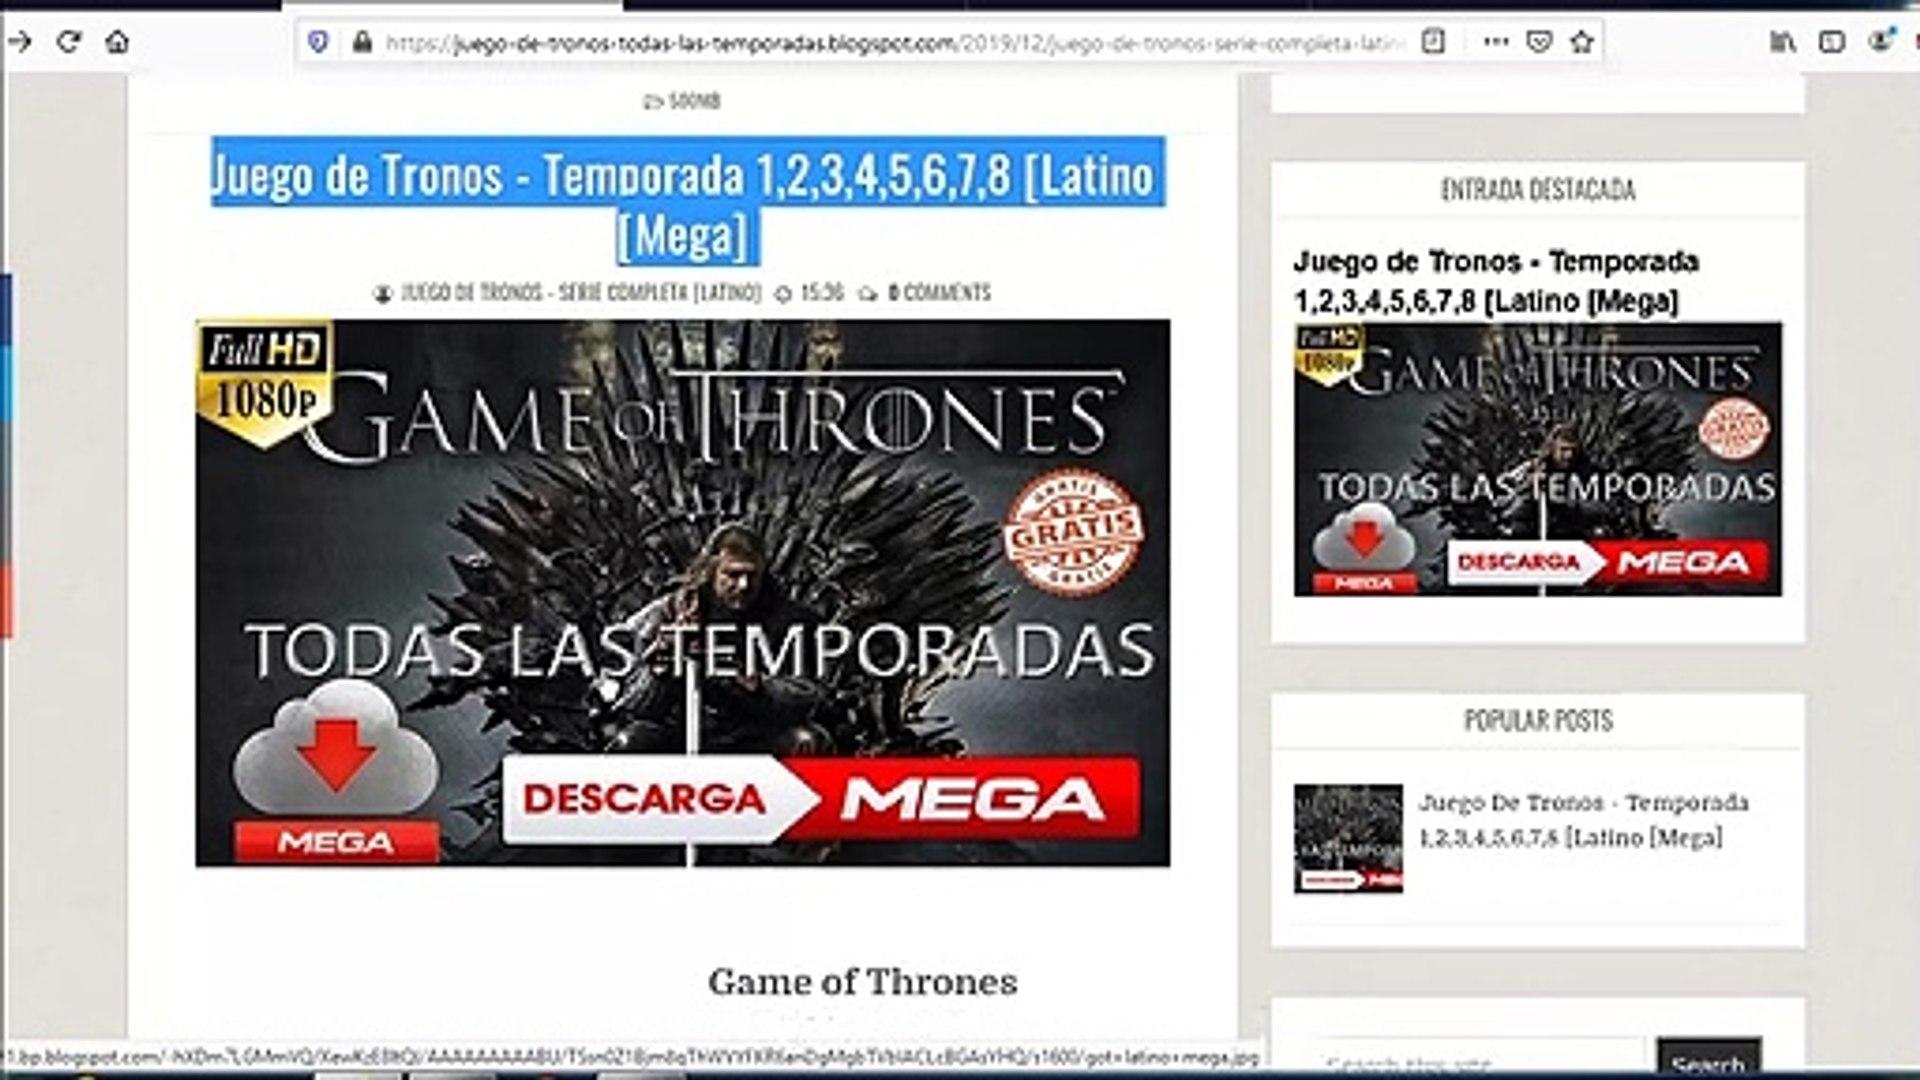 Juego De Tronos Temporada 1 2 3 4 5 6 7 8 Latino Mega Vídeo Dailymotion